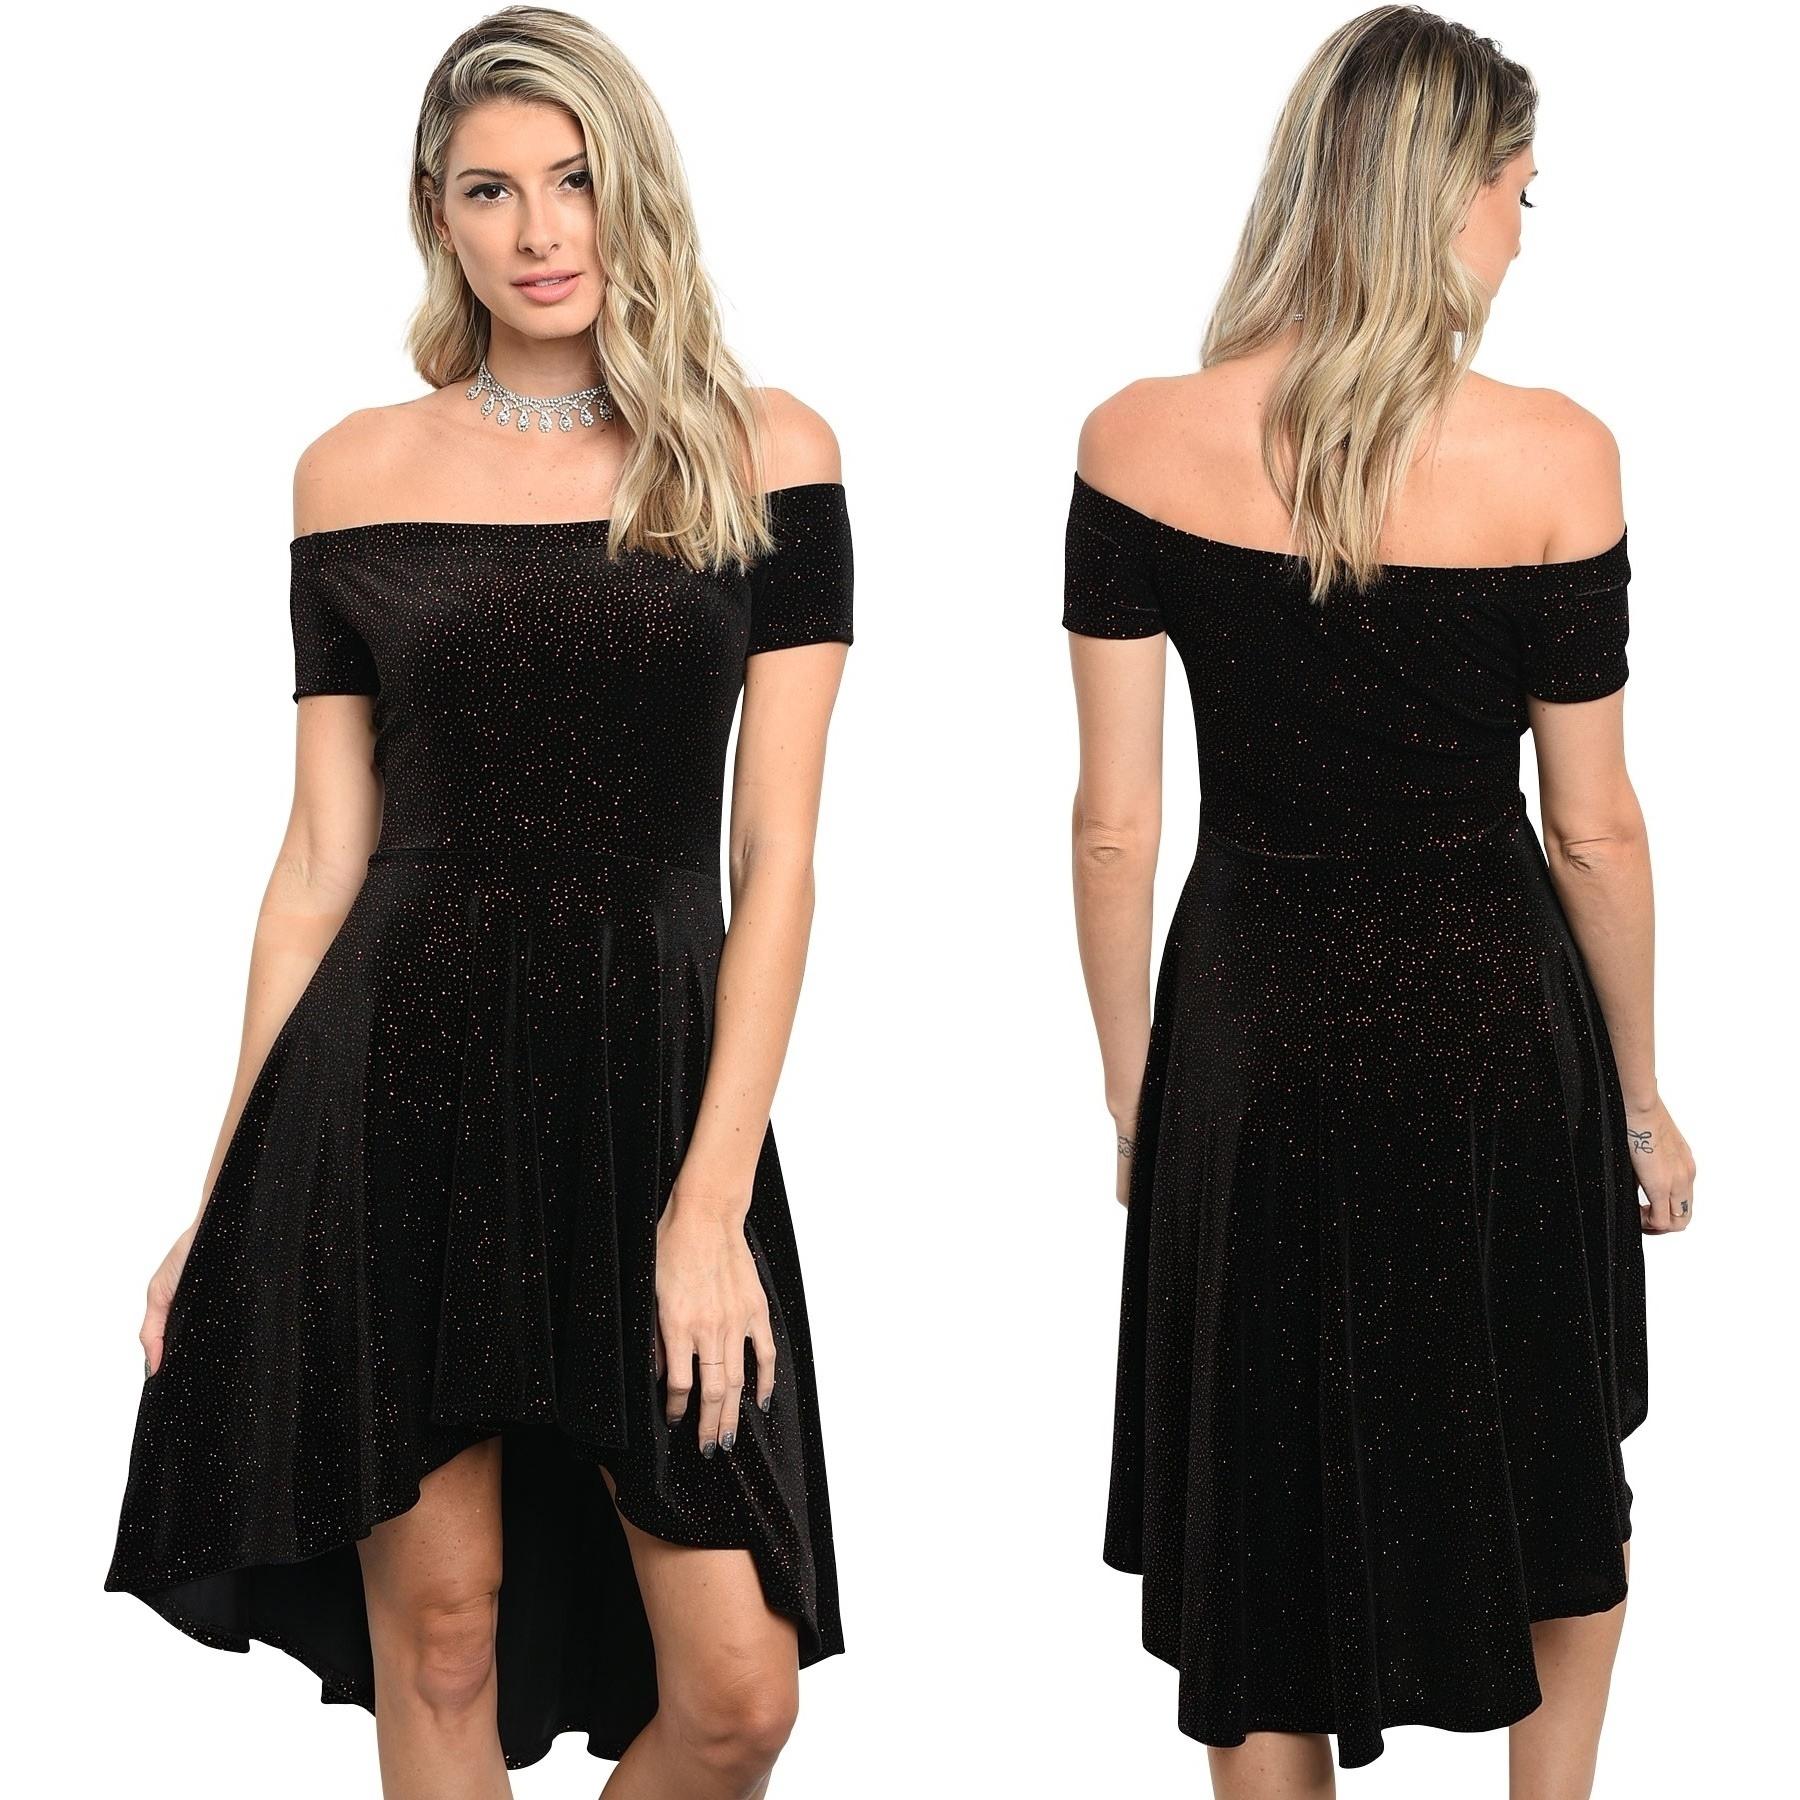 Abend Genial Abendkleid Glitzer Kurz für 201917 Leicht Abendkleid Glitzer Kurz Design